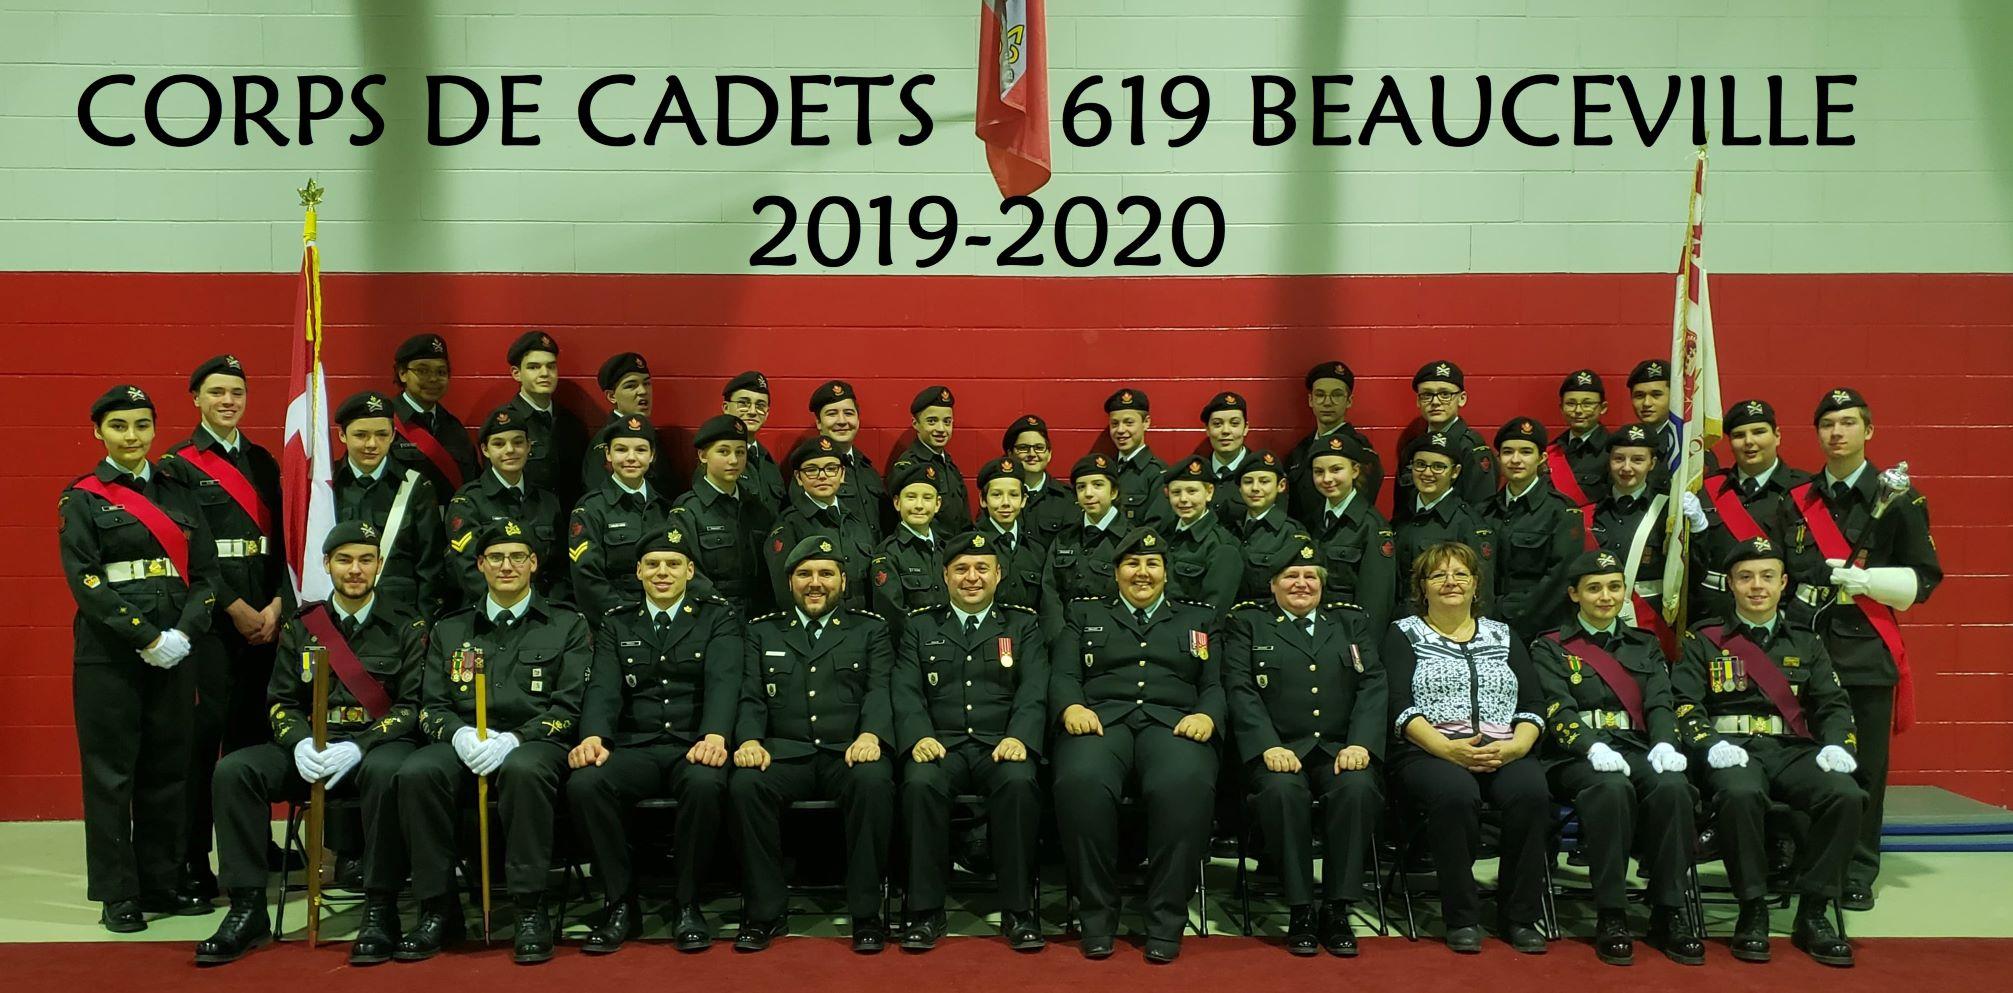 Corps de Cadets 619 de Beauceville